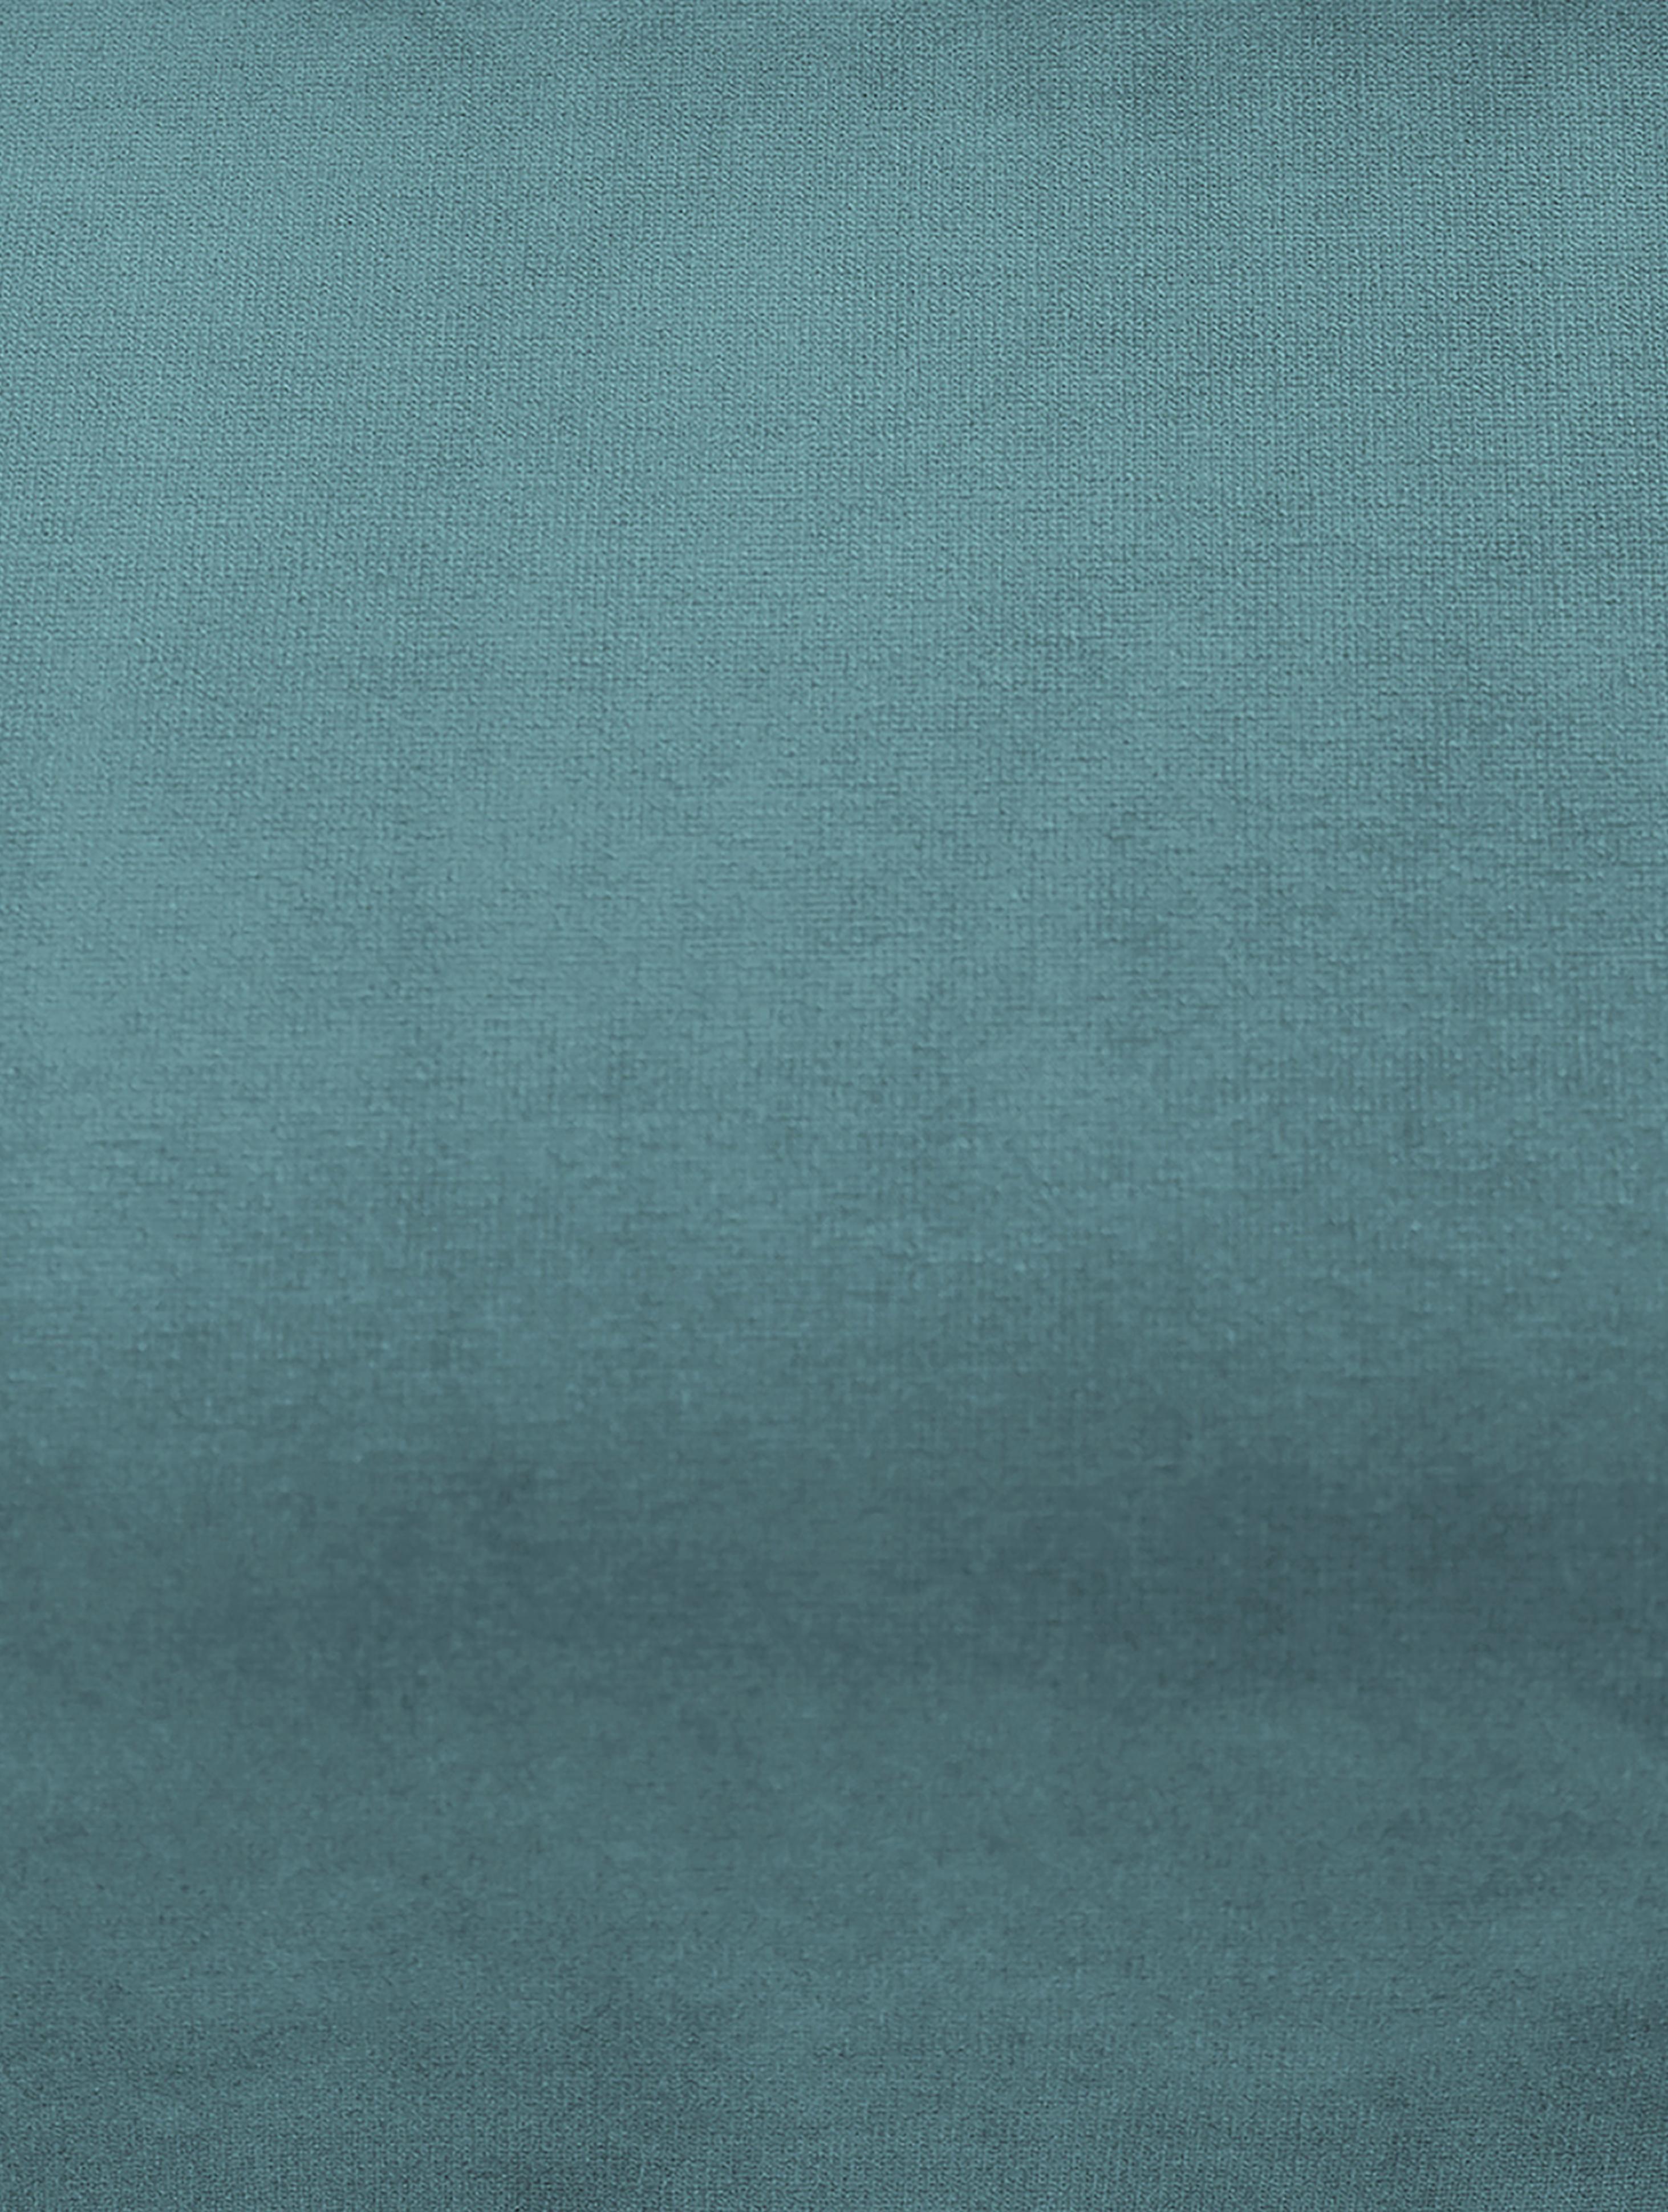 Divano 2 posti in velluto turchese Moby, Rivestimento: velluto (rivestimento in , Struttura: legno di pino massiccio, Piedini: metallo verniciato a polv, Turchese, Larg. 170 x Prof. 95 cm